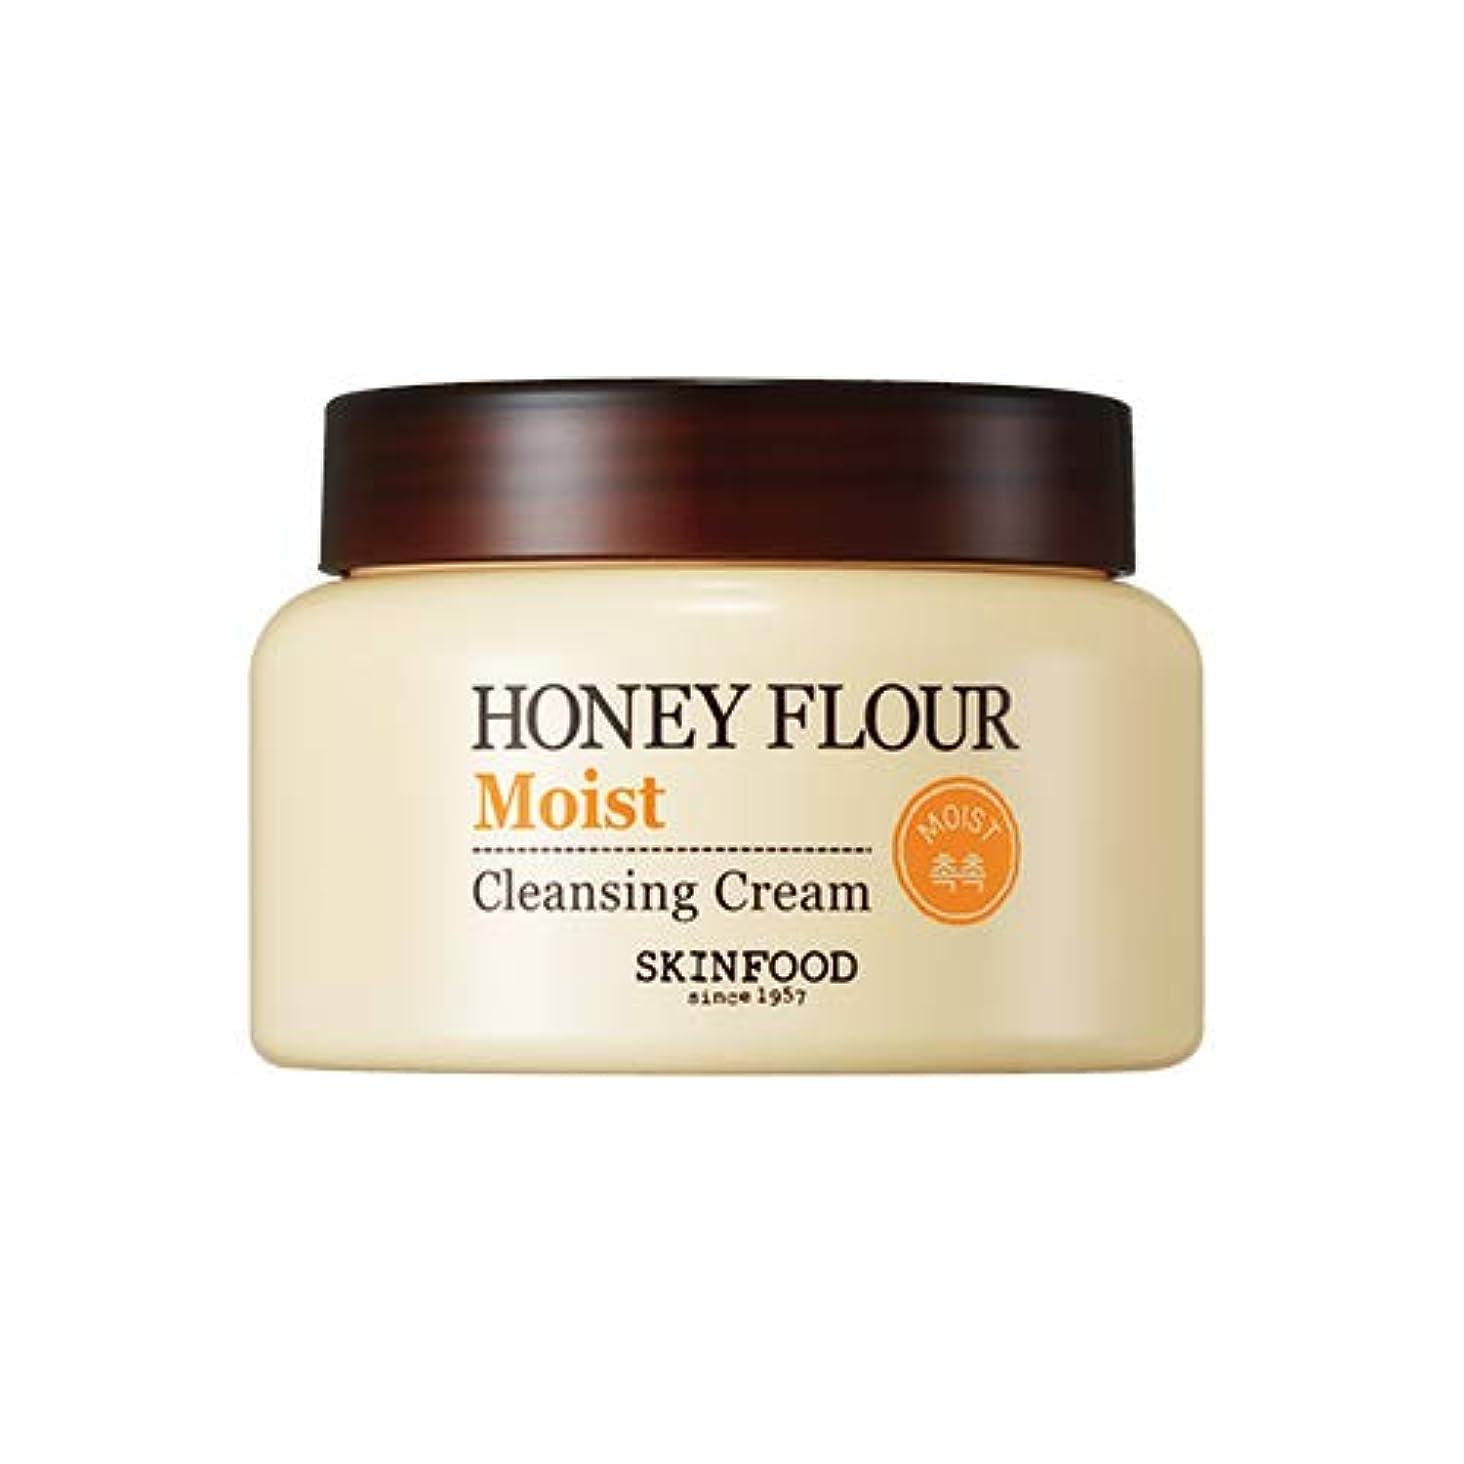 取り替える散る不健全Skinfood/Honey Flour Moist Cleansing Cream/ハニーフラワーモイストクレンジングクリーム/225ml [並行輸入品]